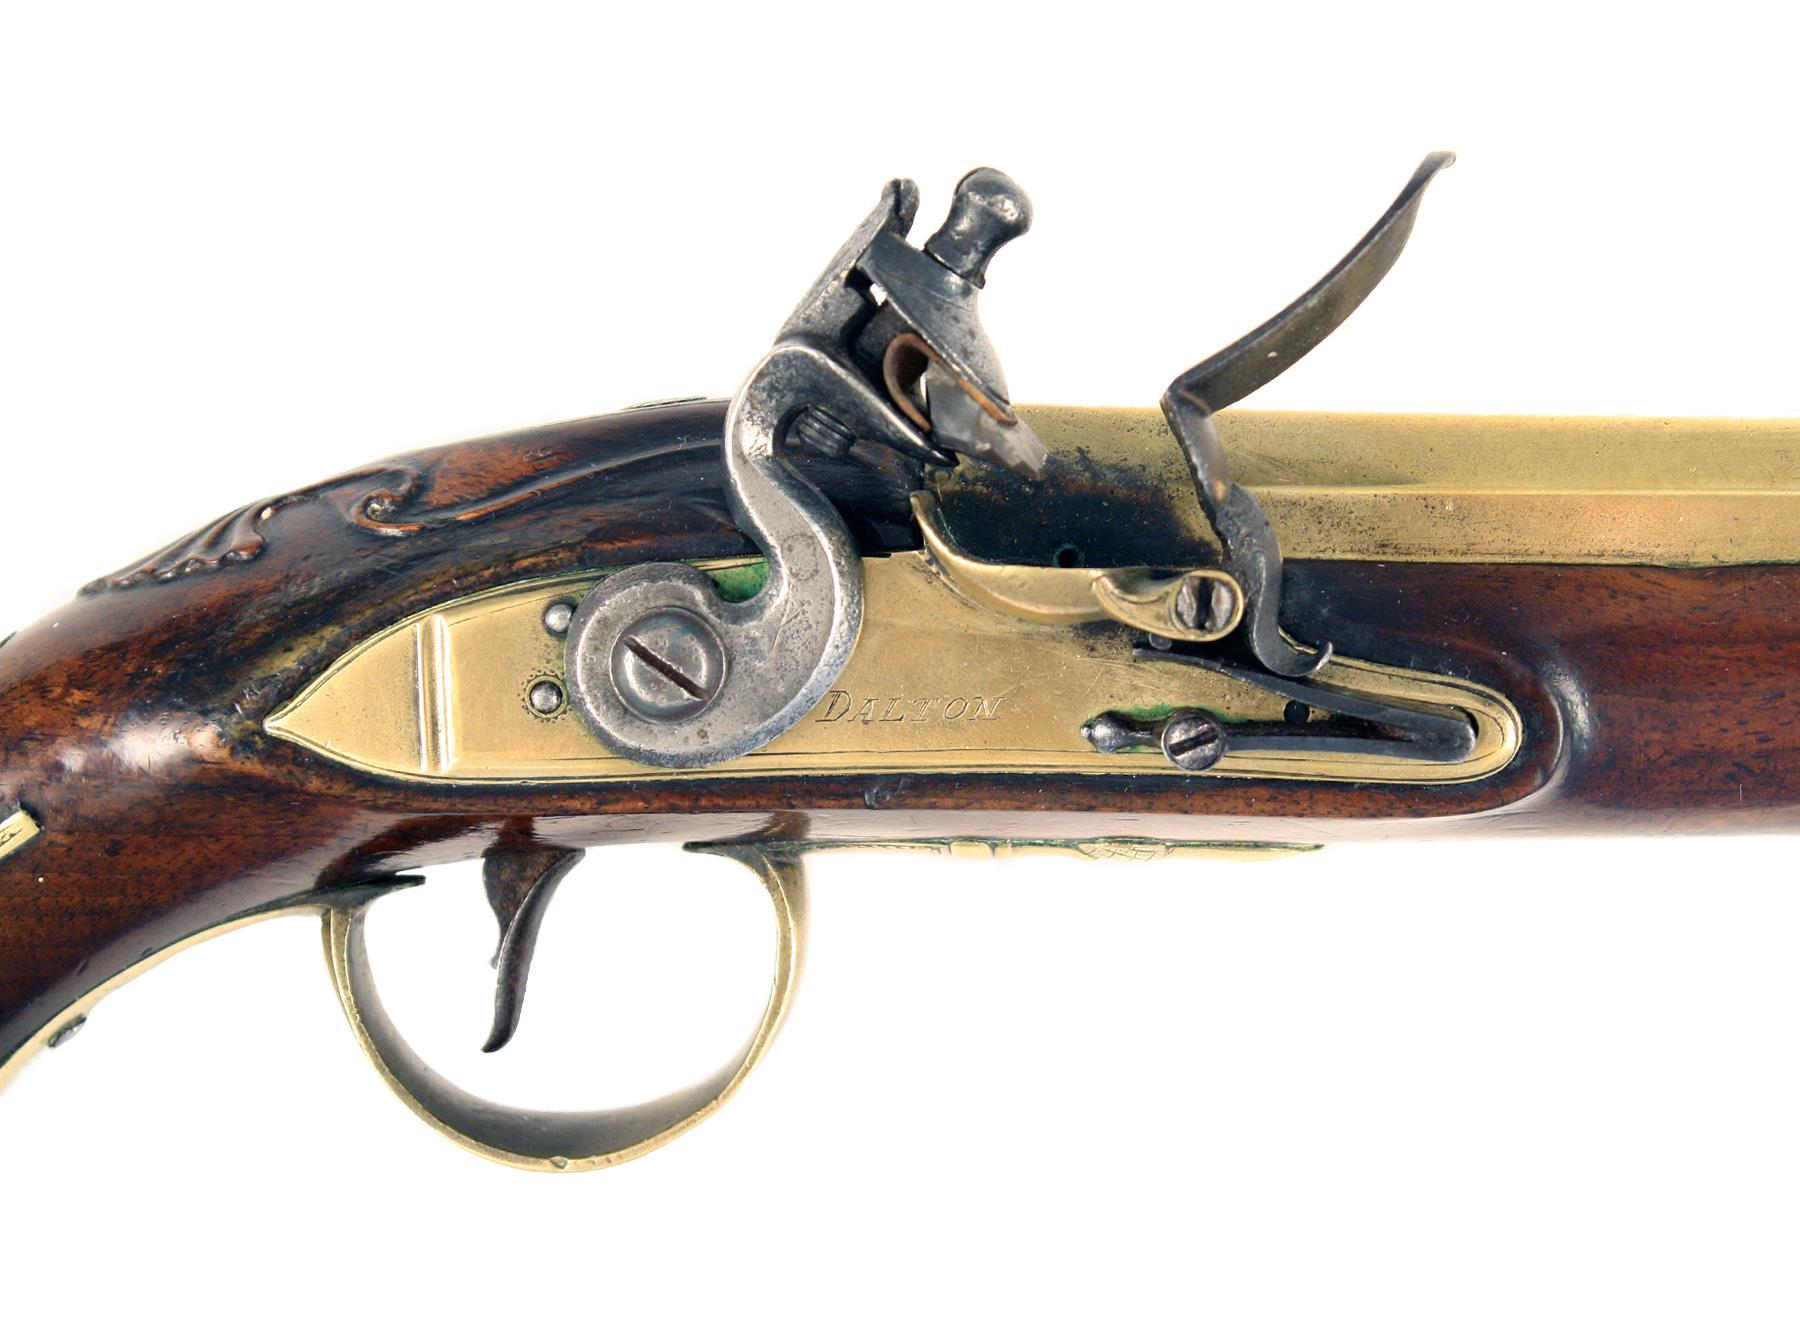 A Flintlock Blunderbuss Pistols by Dalton of Dublin